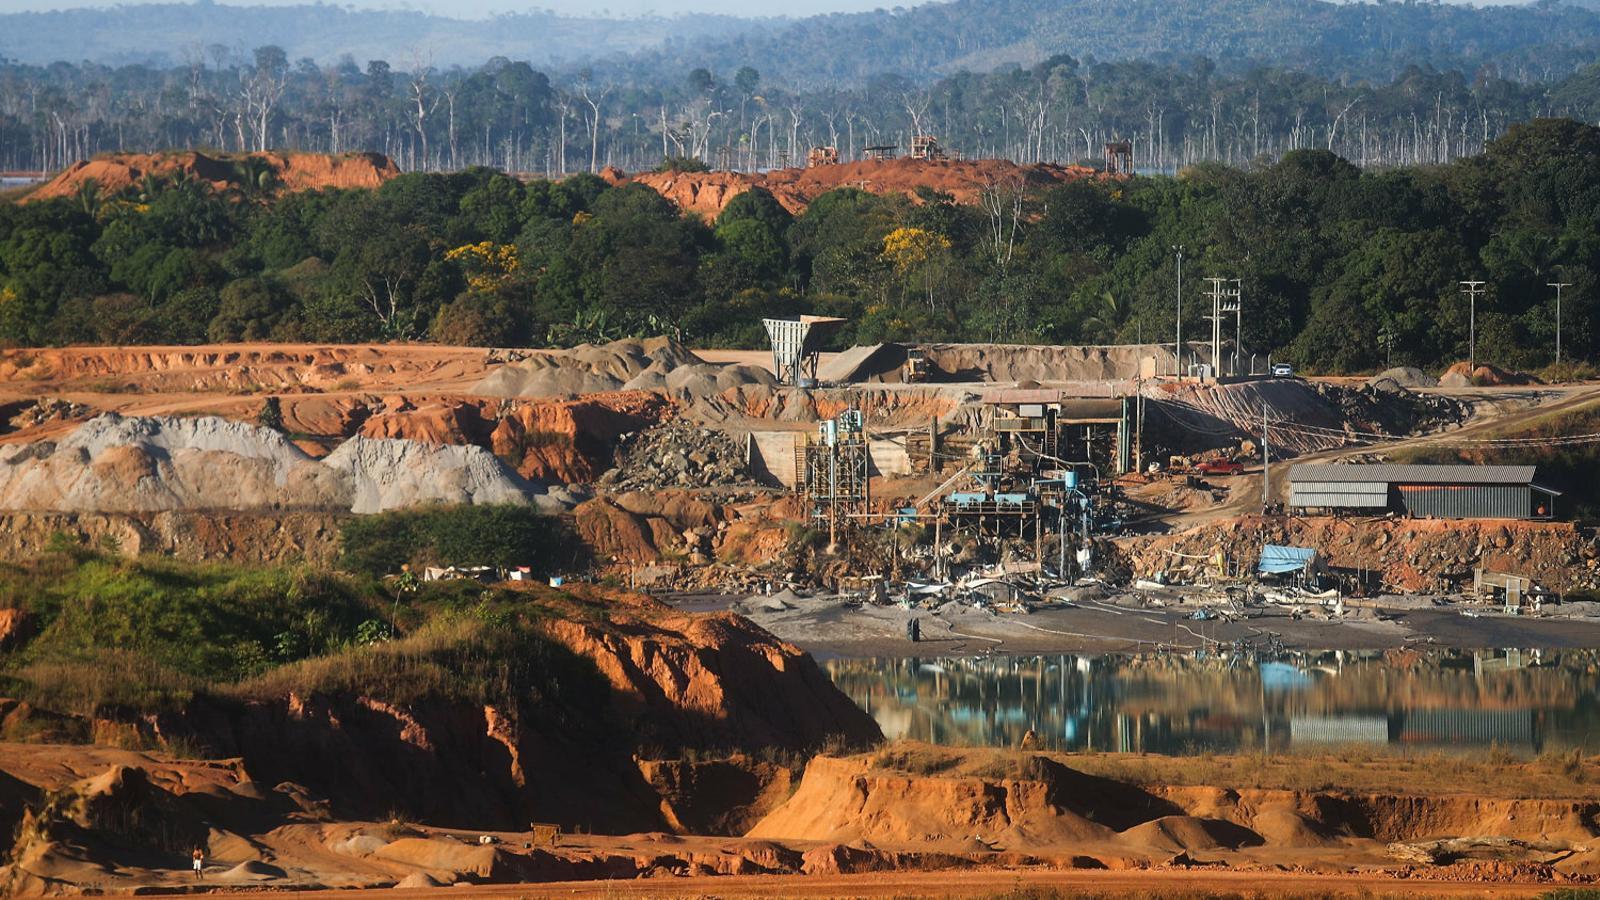 La destrucció de l'Amazònia s'accelera amb Bolsonaro